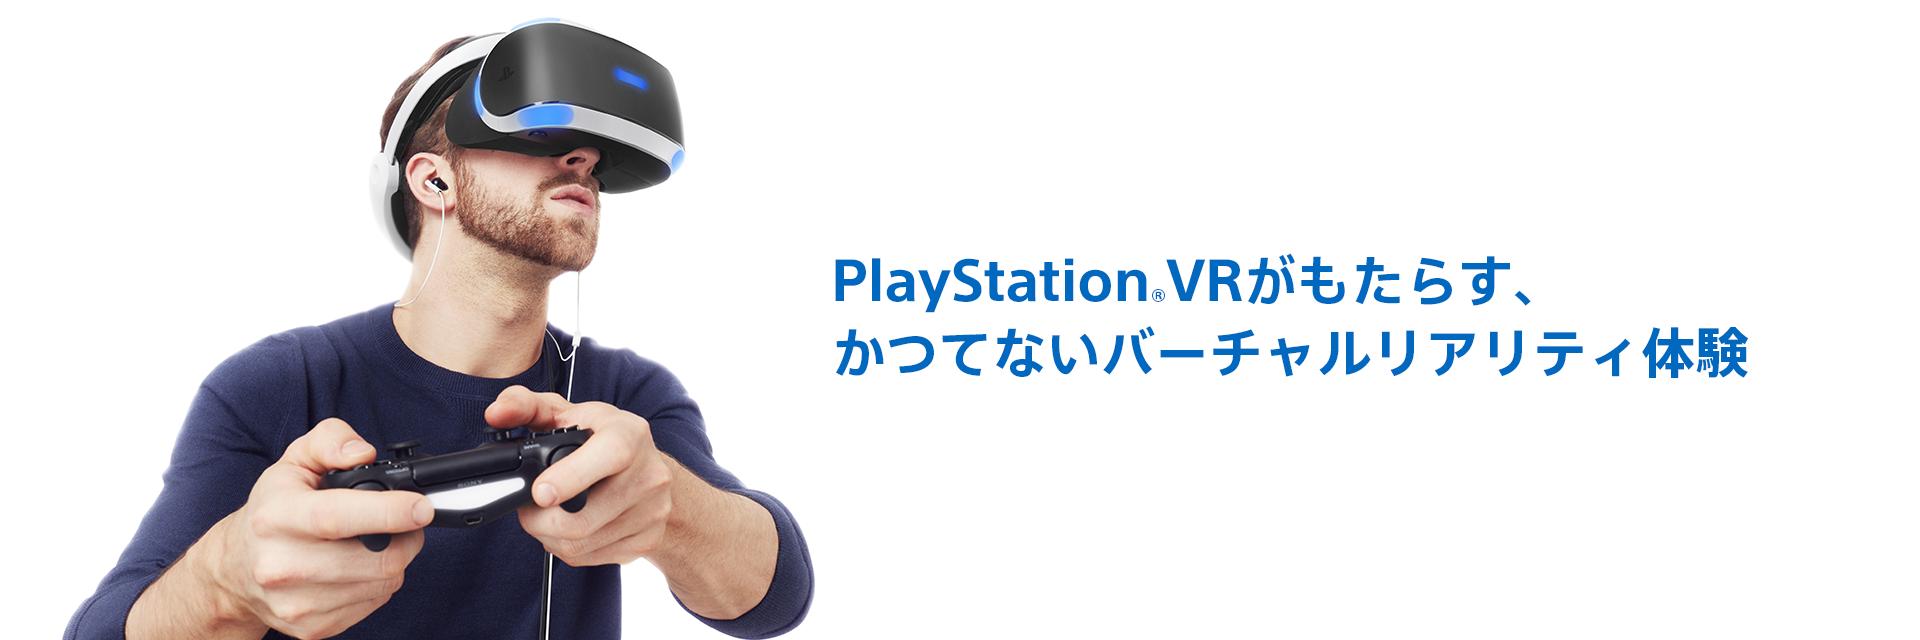 PlayStation VRがもたらす、かつてないバーチャルリアリティ体験